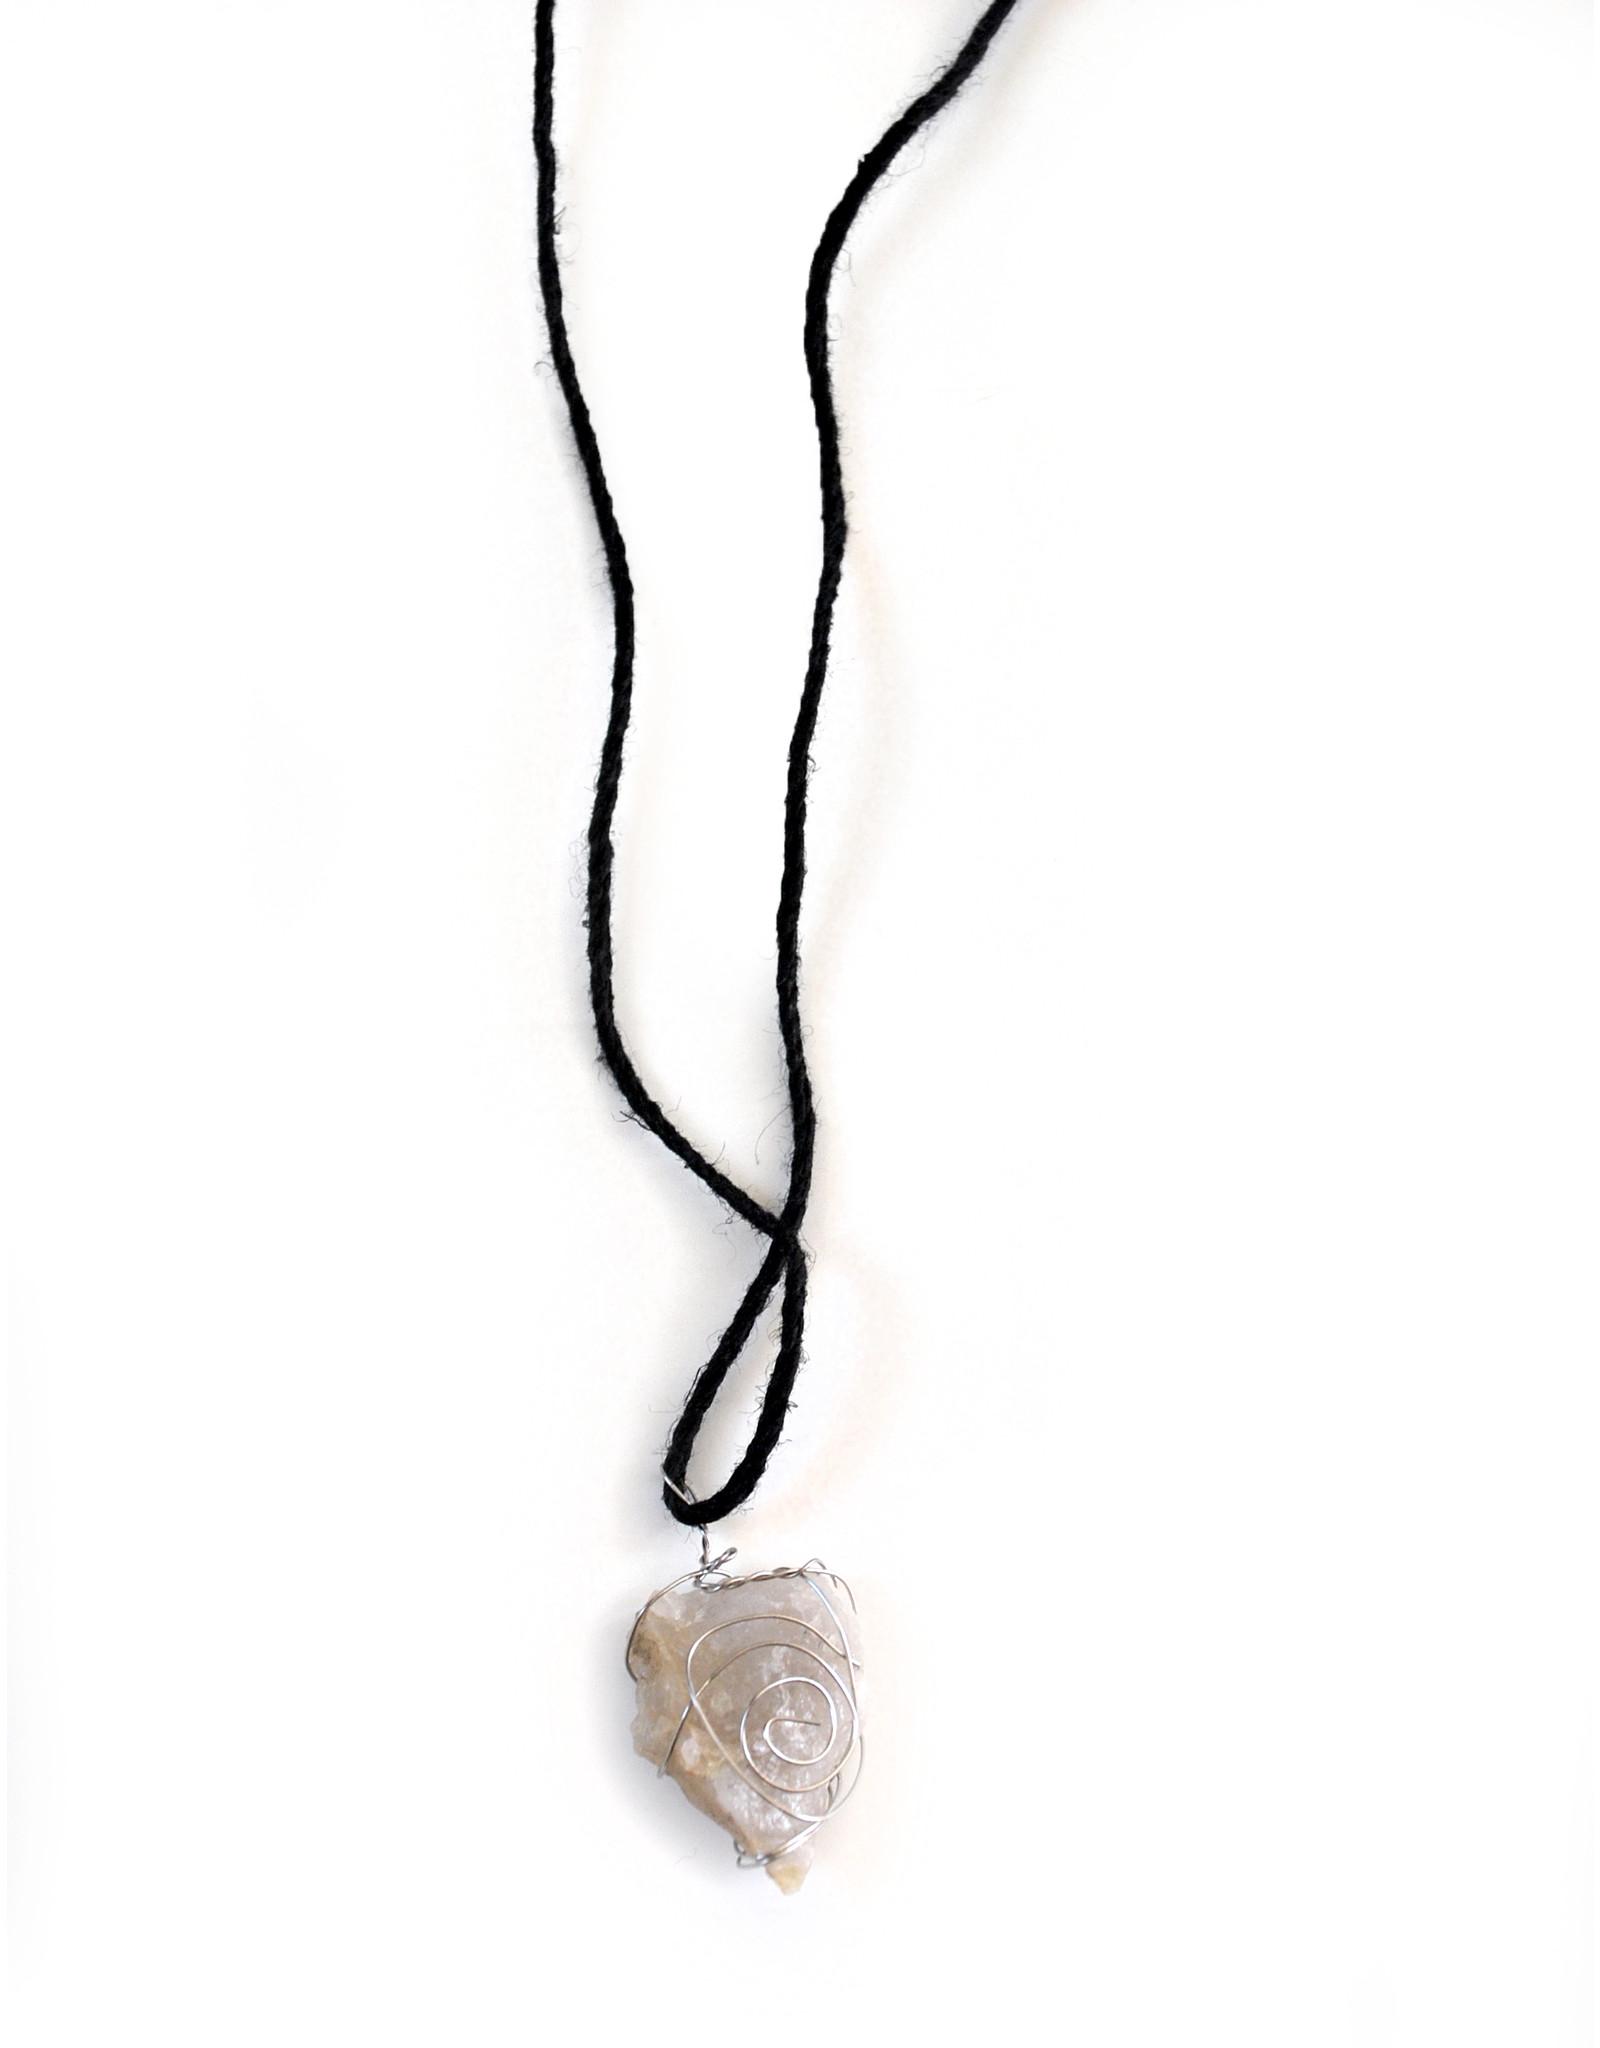 Clear Quartz Necklace, Mikey Emme